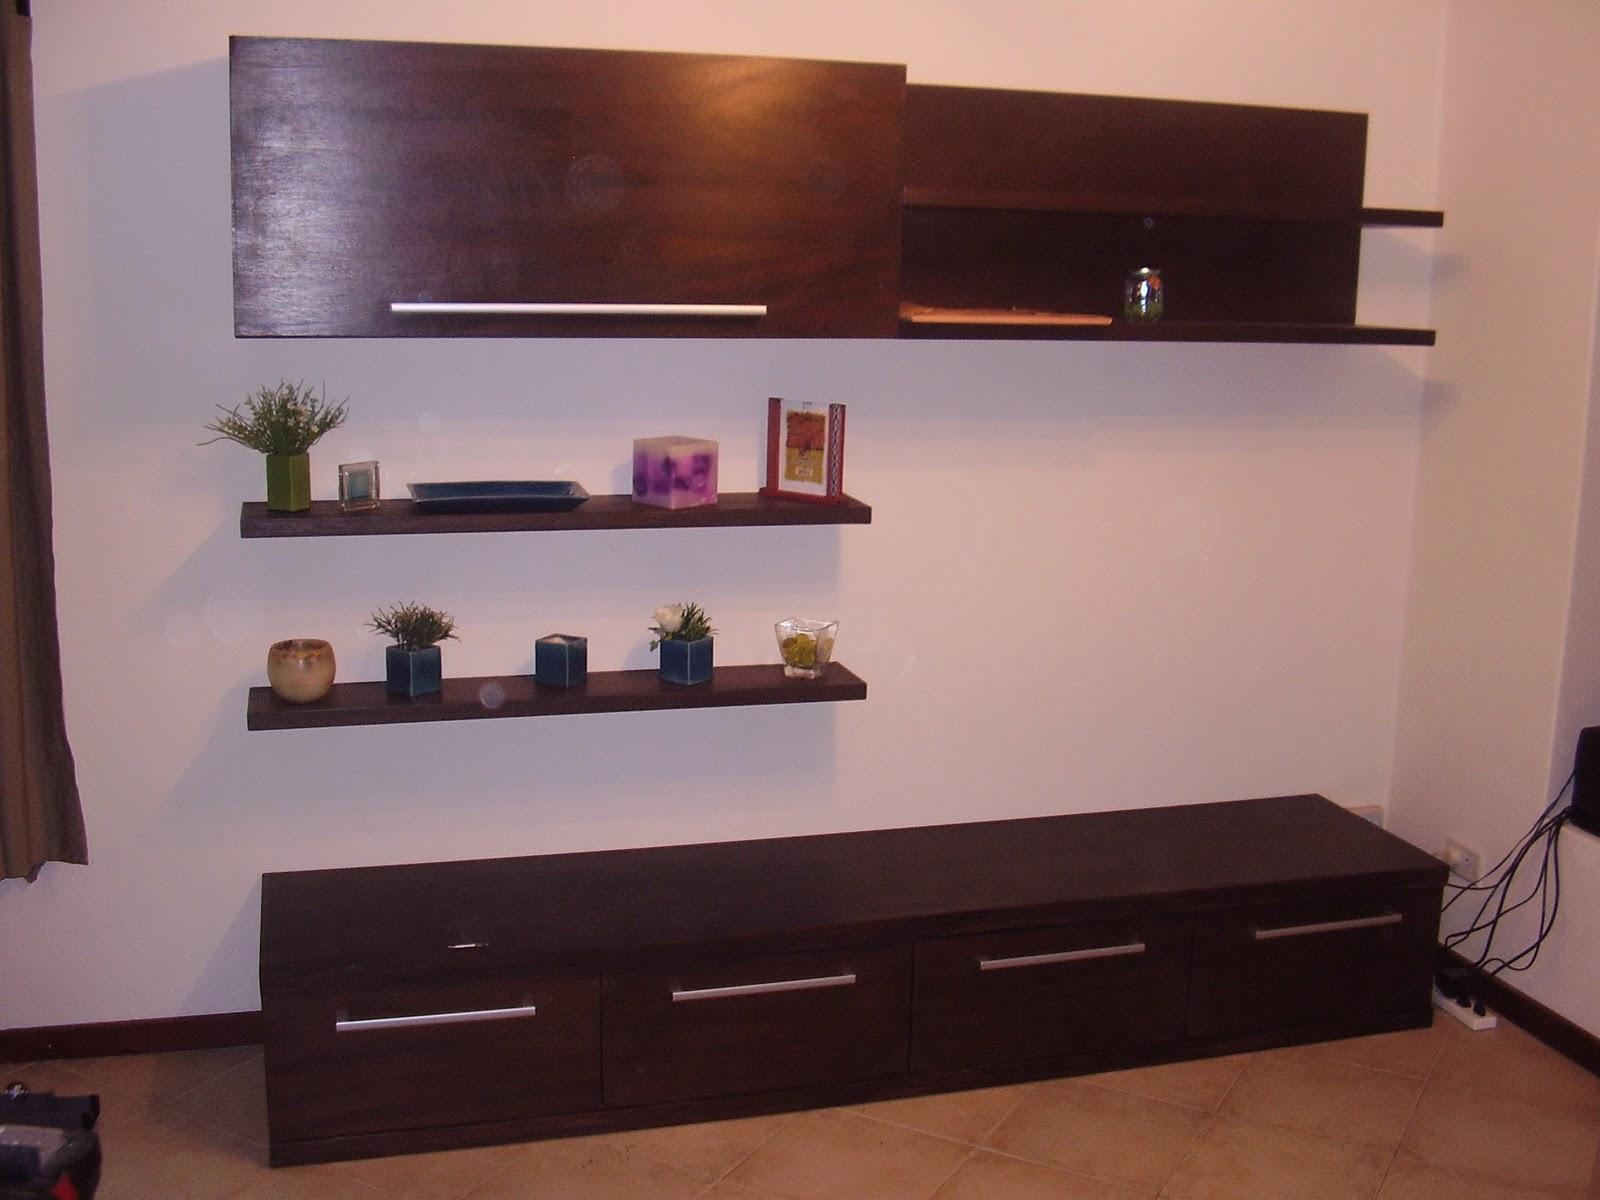 Xlz muebles sal n dressoir y mesa de centro - Mesa de centro de salon ...